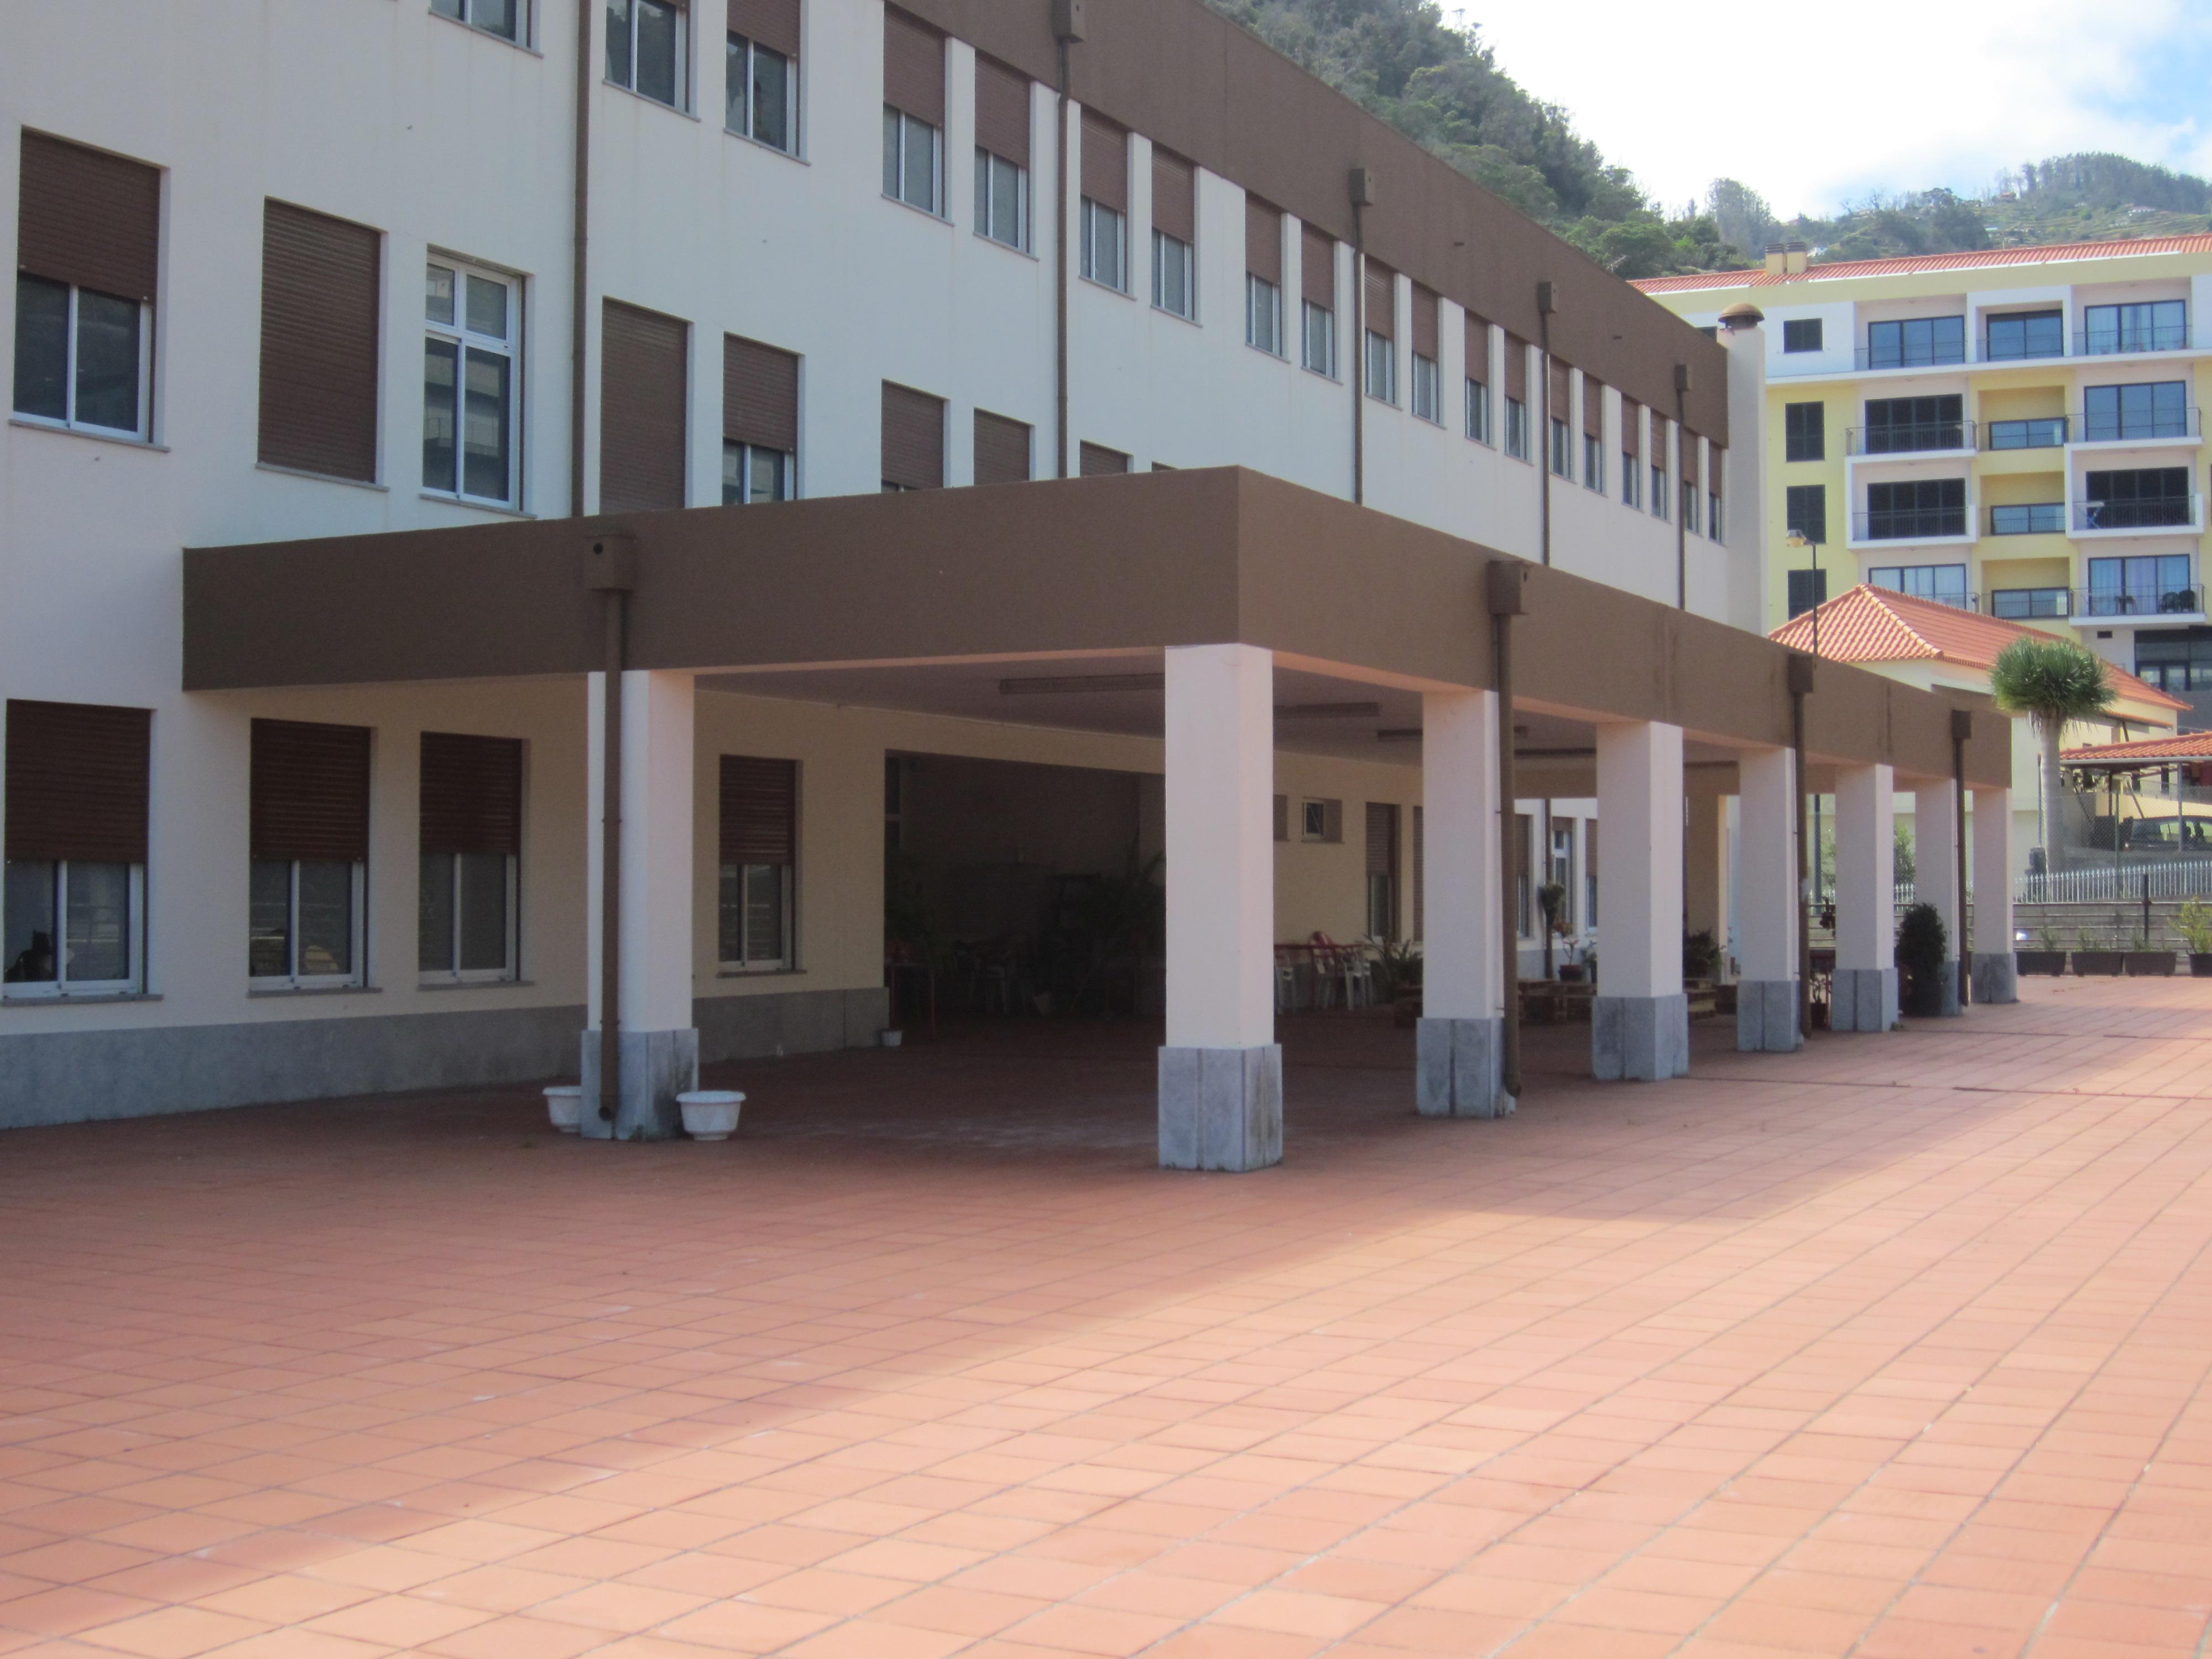 Sala de sessões construída na escola de Santa Cruz